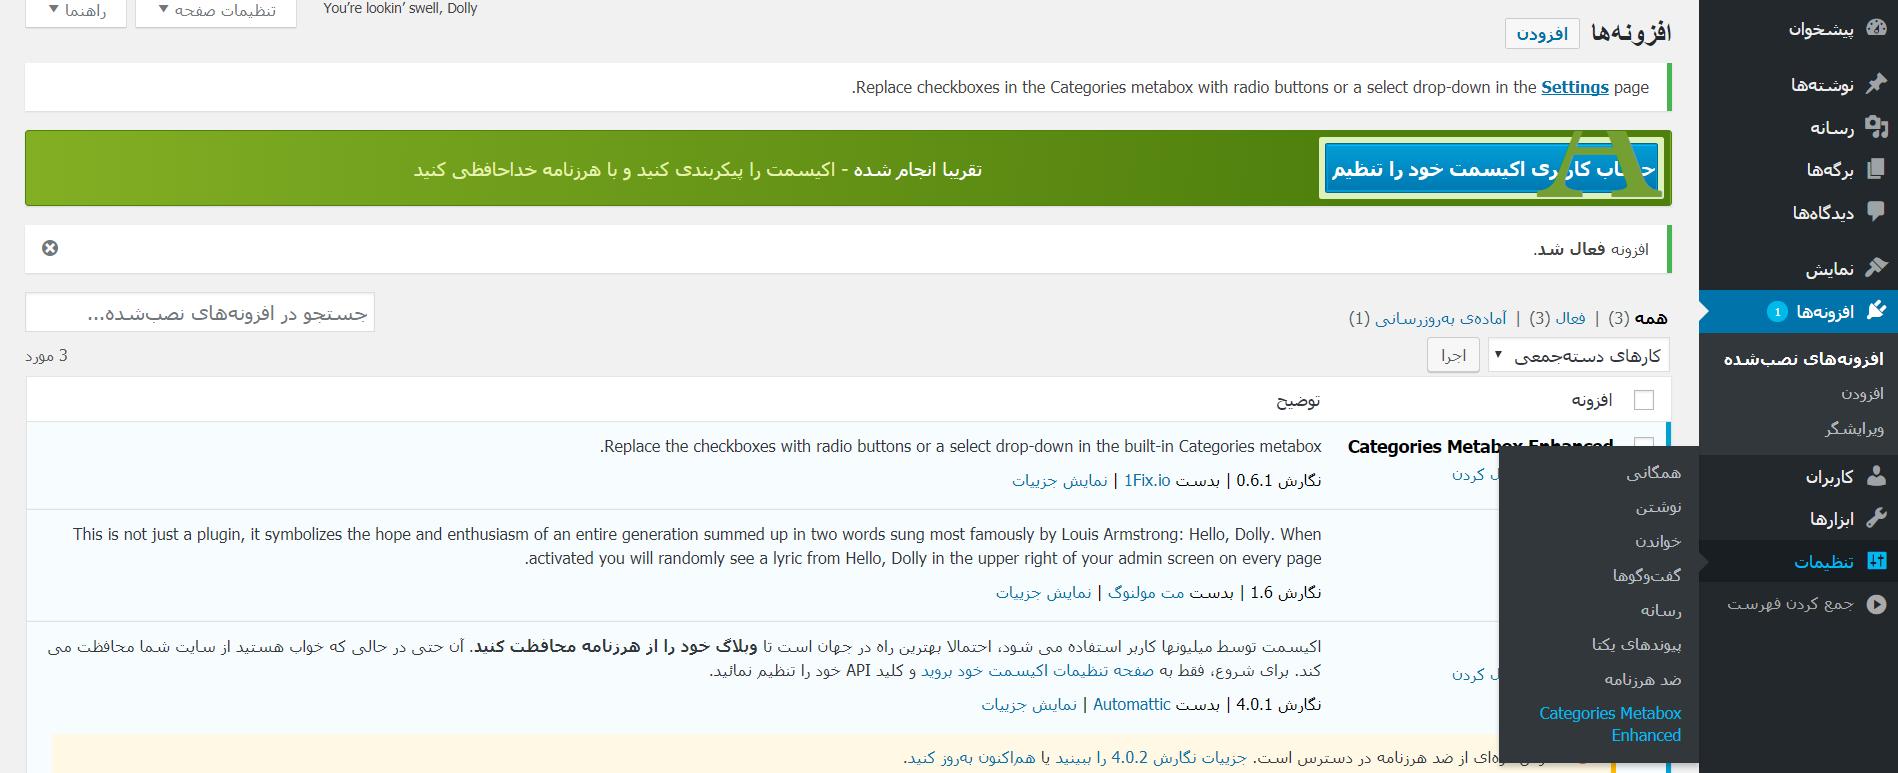 محدودیت در انتخاب دستهبندی در وردپرس با Categories Metabox Enhanced